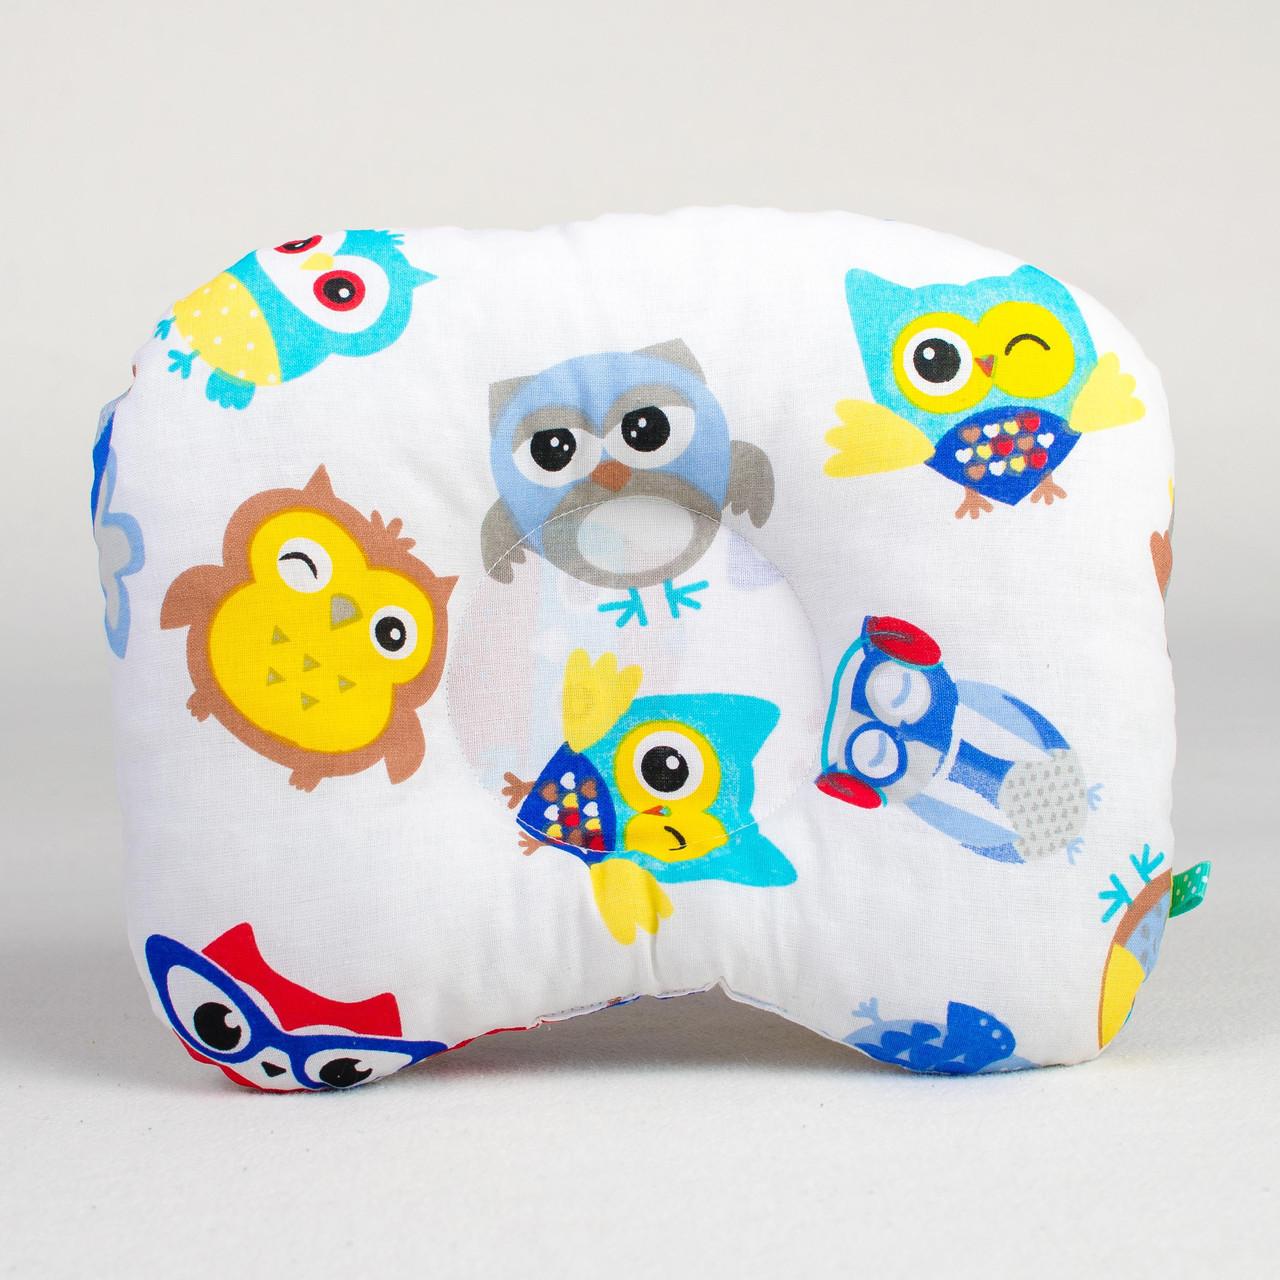 Подушка для младенцев  ортопедическая   Совы в наушниках 22 х 26 см